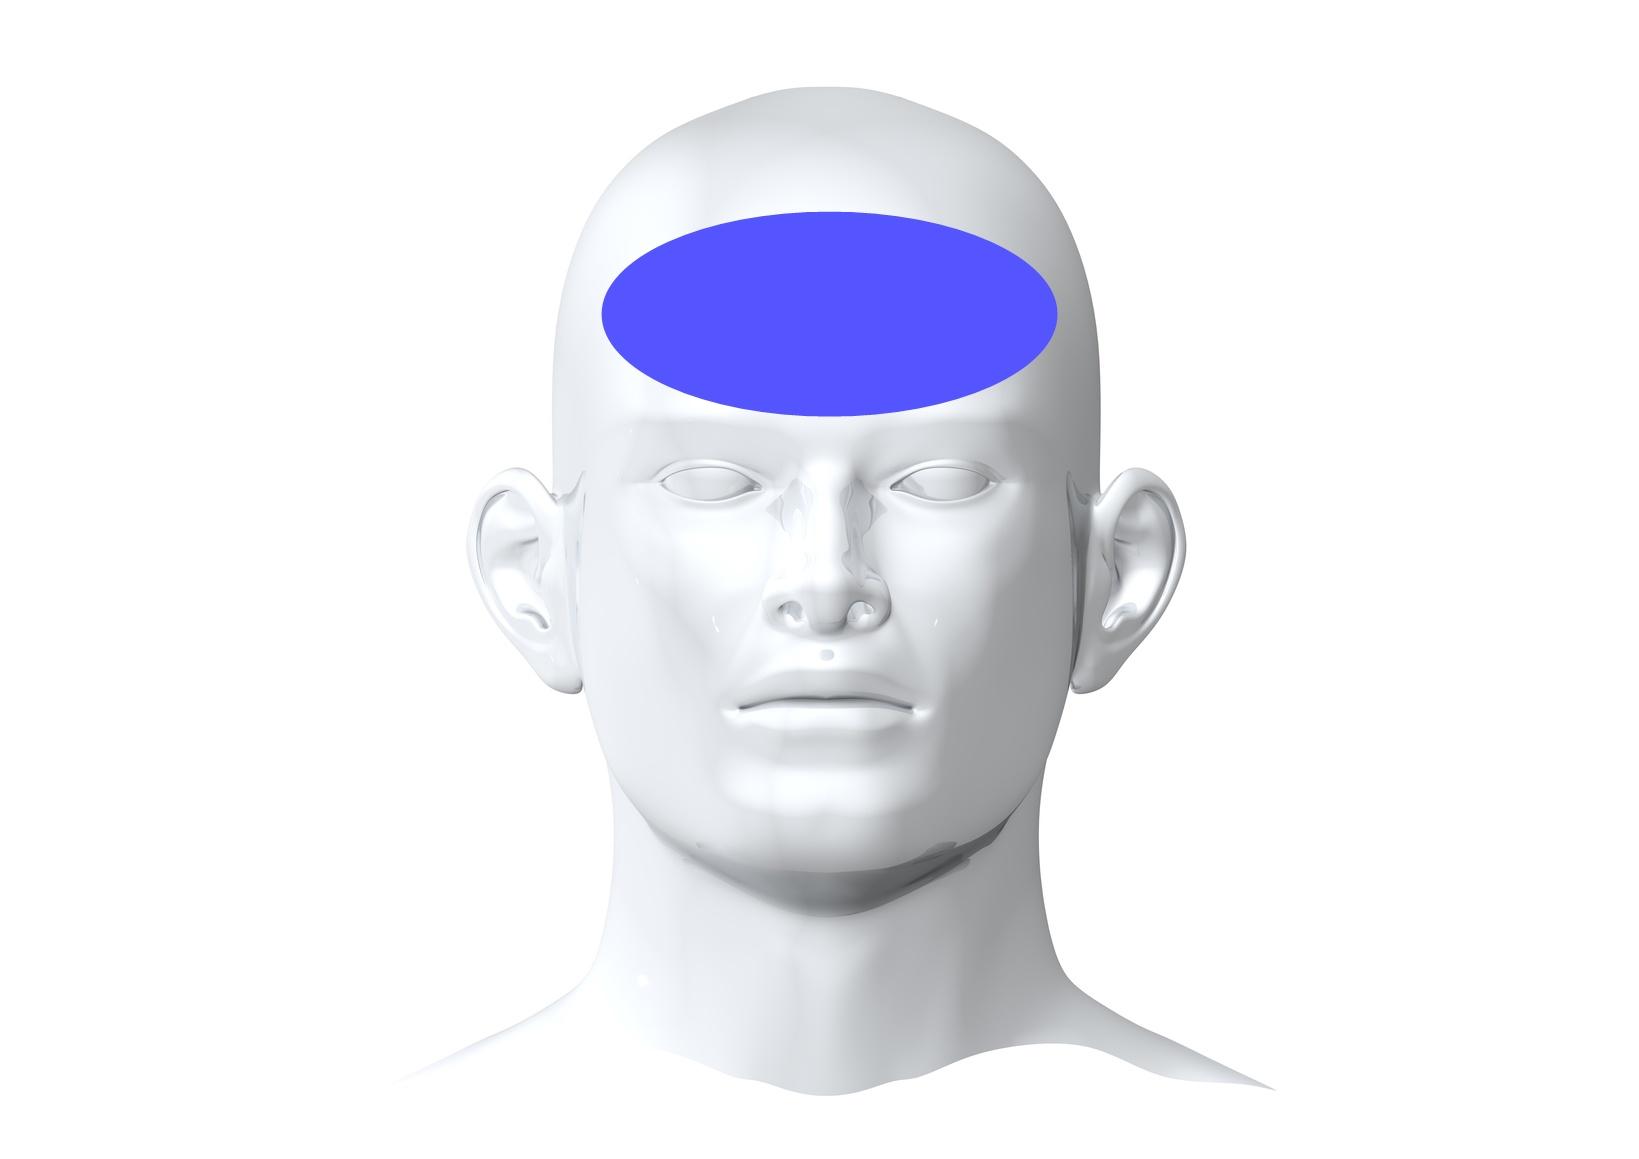 Bóle głowy ryc. 1